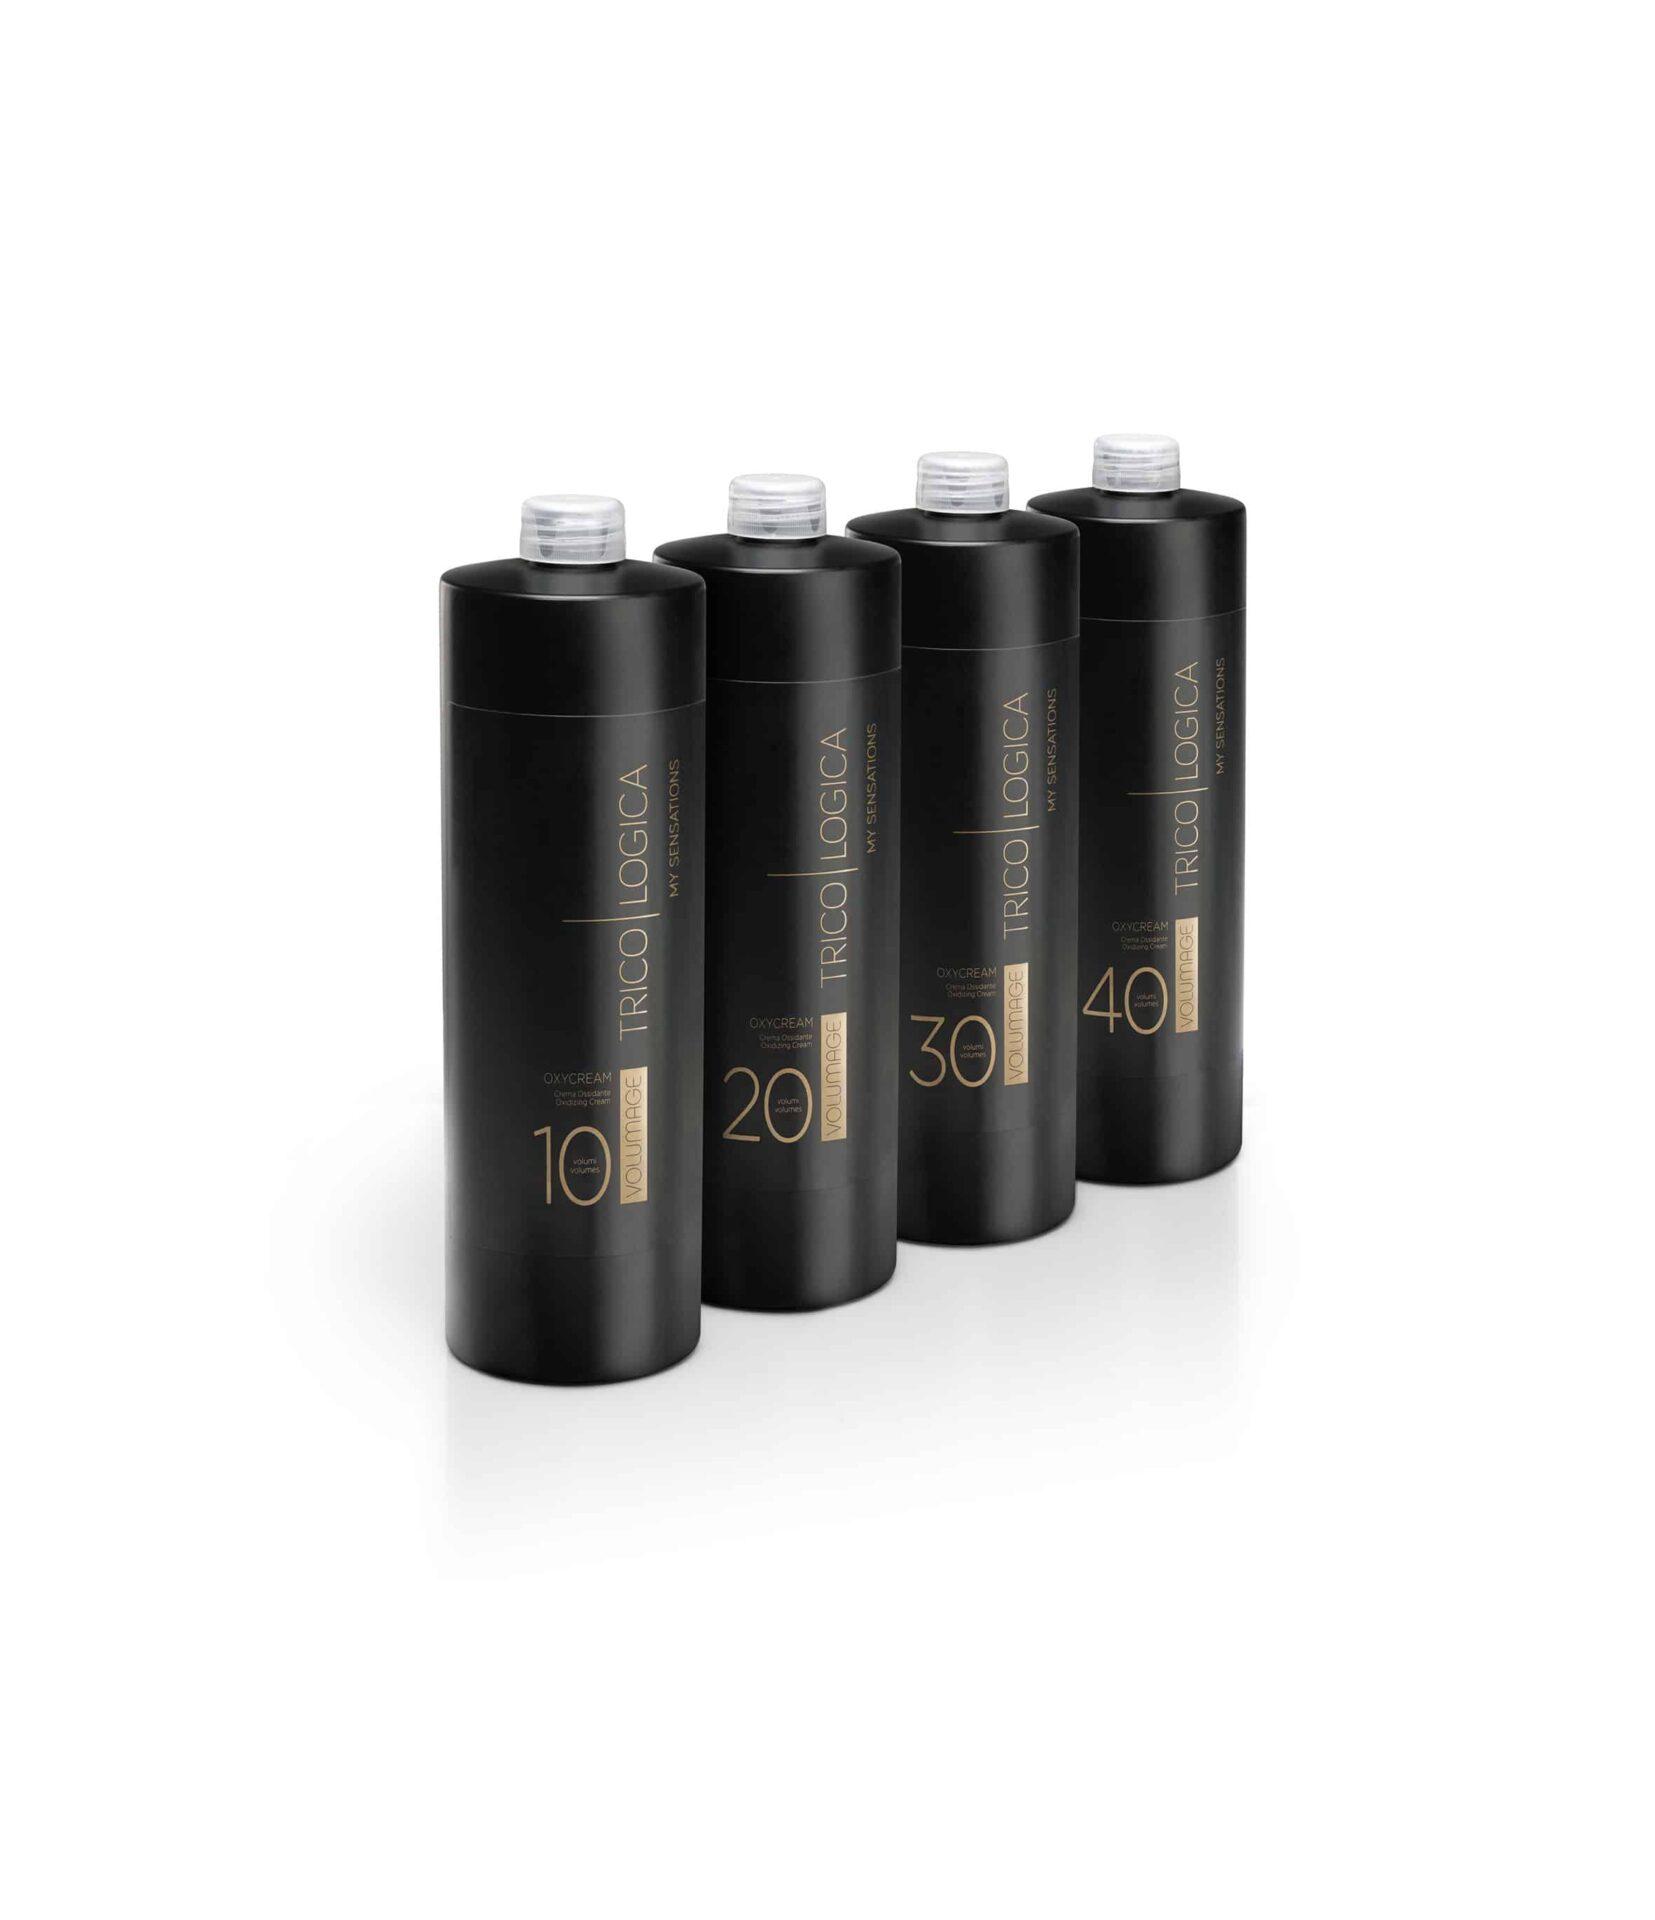 Volumage by Tricologica, la linea haircolor ad effetto volumizzante e long lasting